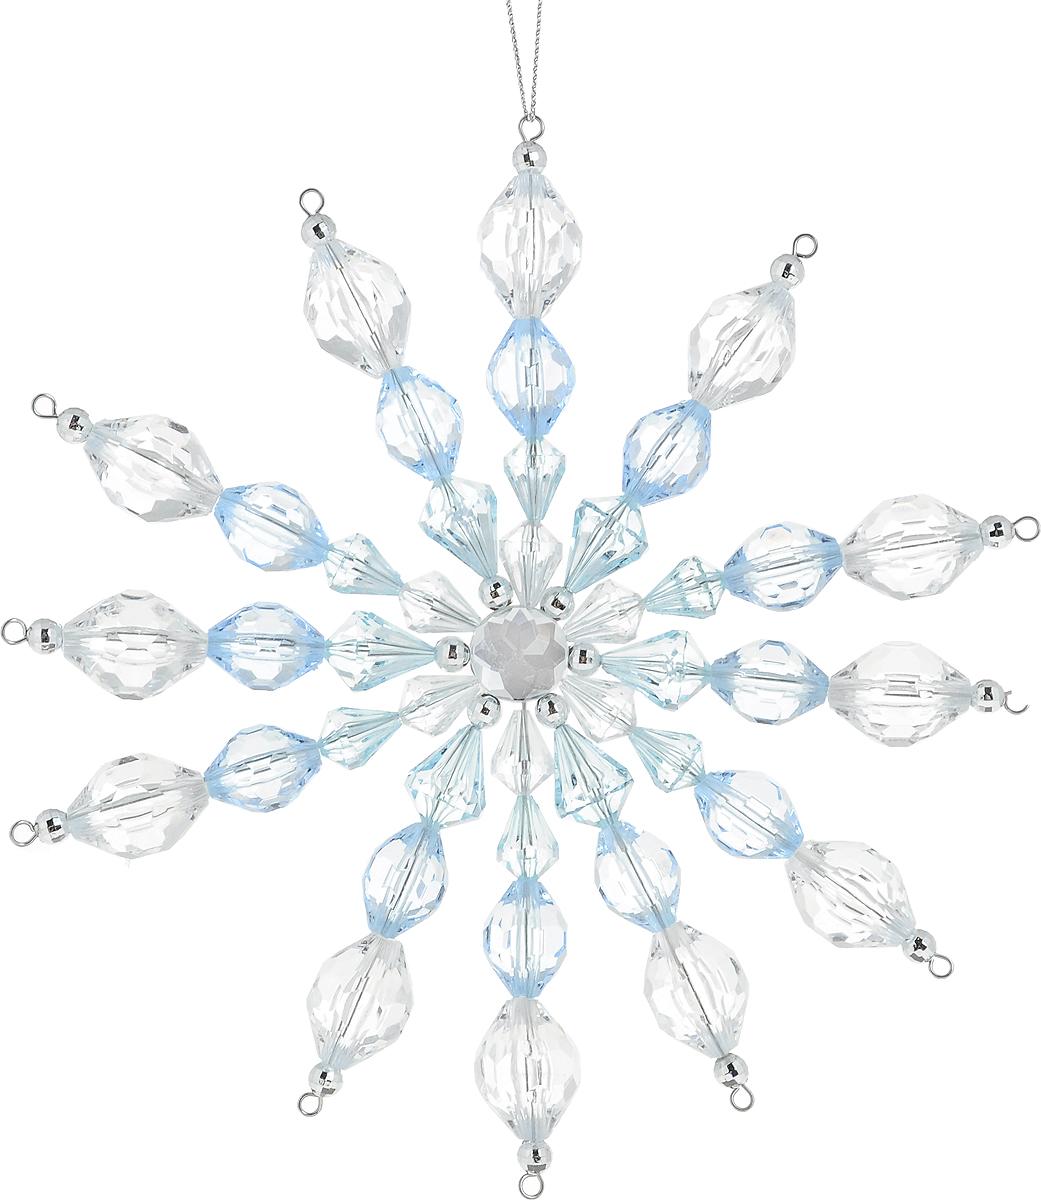 Украшение для интерьера новогоднее Erich Krause Снежинка кристальная, 17 см43713Большая снежинка выполненная из прозрачных и голубых акриловых бусин, похожа на изделие из хрусталя. В свете гирлянд такое украшение загадочно переливается. Новогодние украшения всегда несут в себе волшебство и красоту праздника. Создайте в своем доме атмосферу тепла, веселья и радости, украшая его всей семьей.